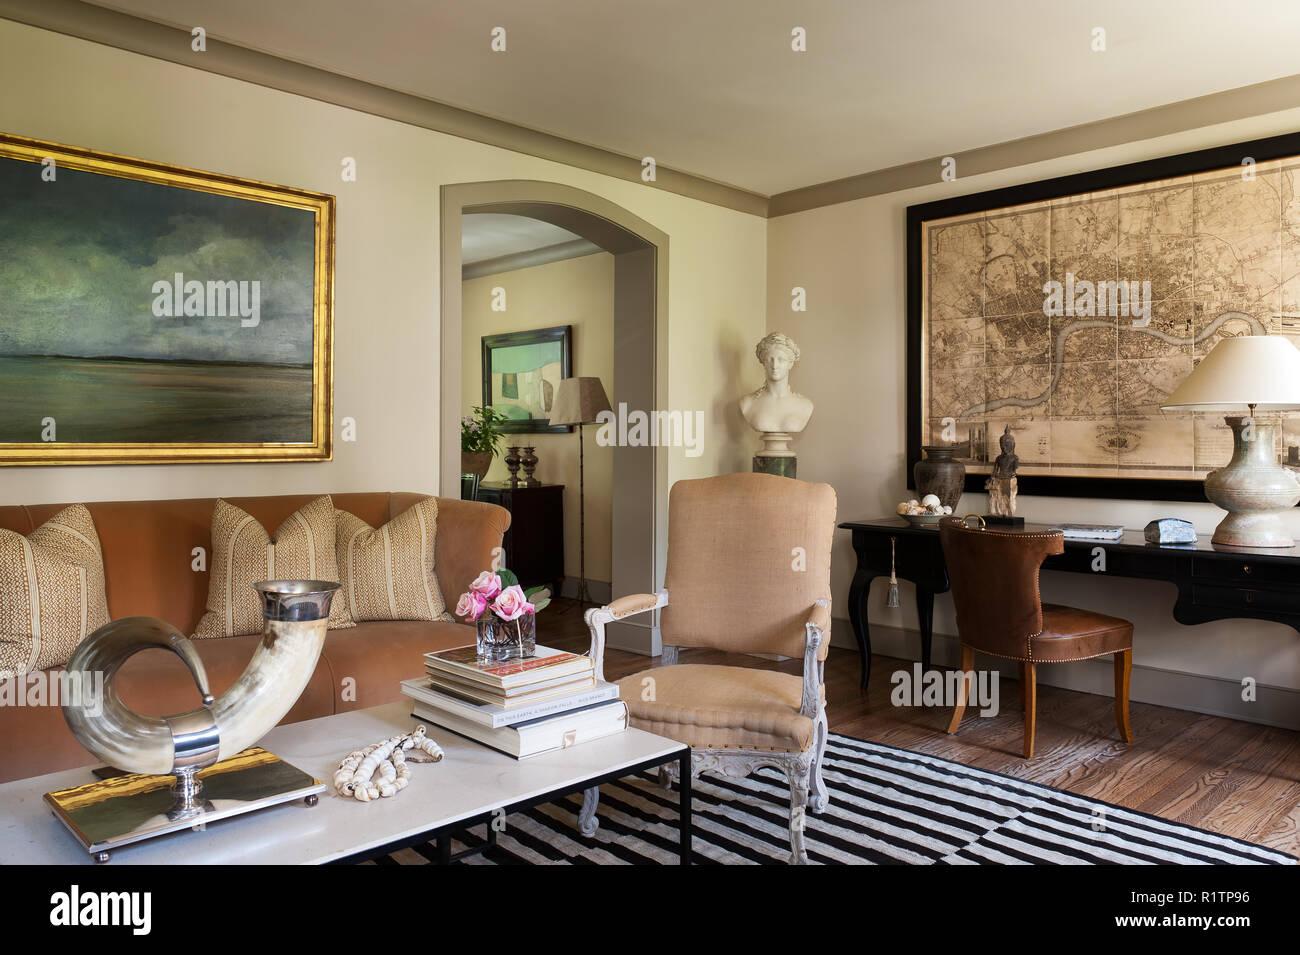 Wohnzimmer mit Schreibtisch Stockfoto, Bild: 224893794 - Alamy